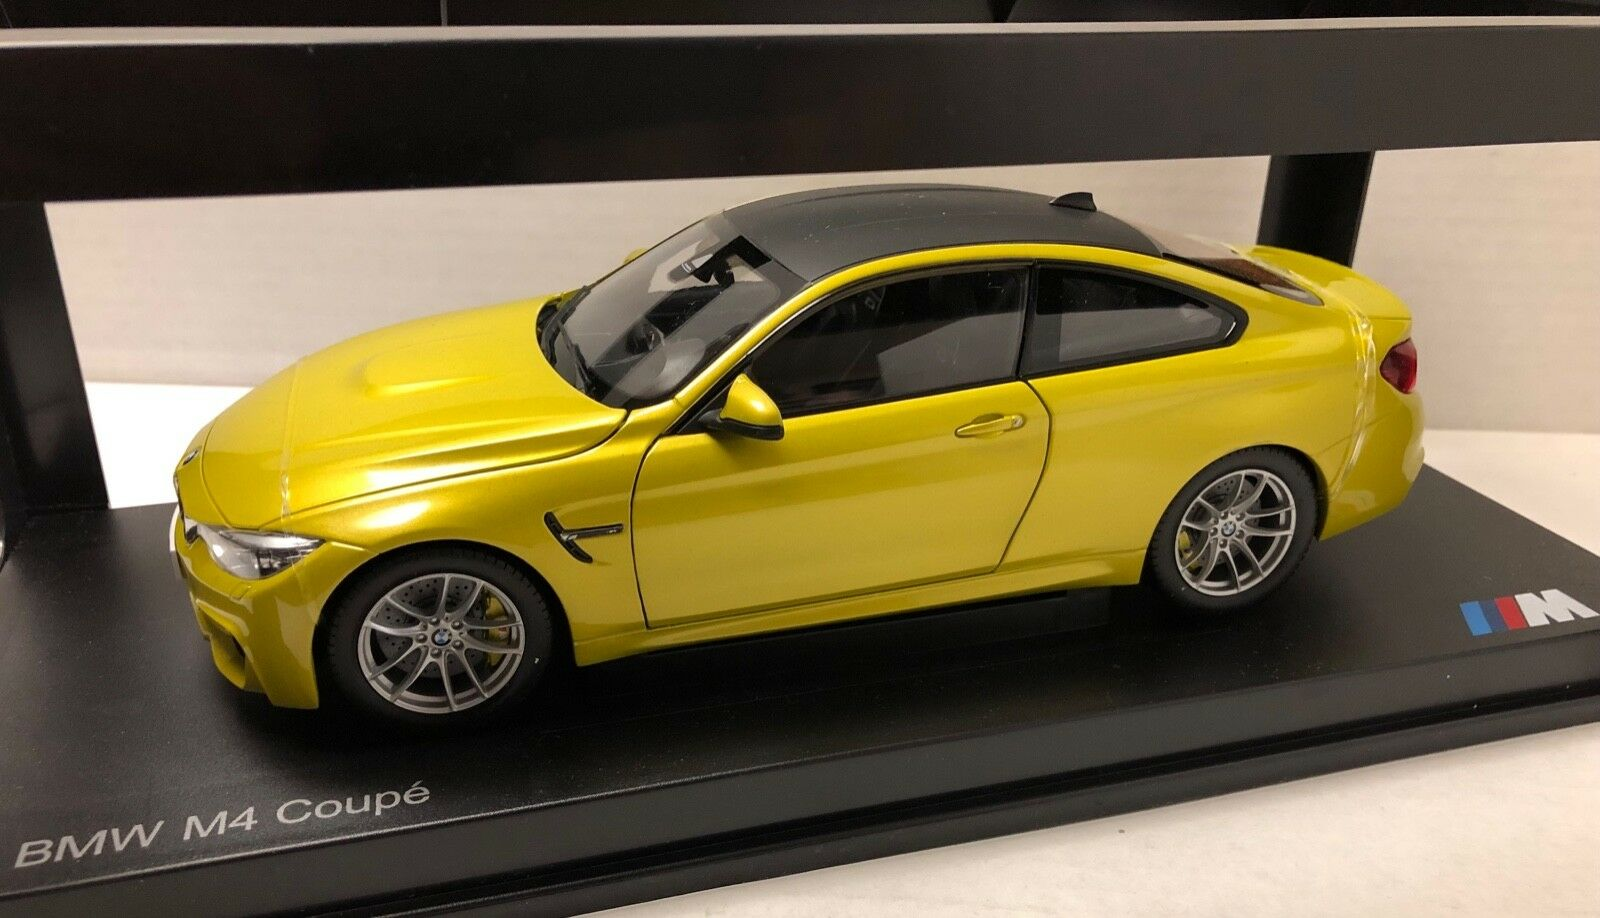 Paragon BMW 4 series M4 Coupe 1 18 Austin Yellow Metallic